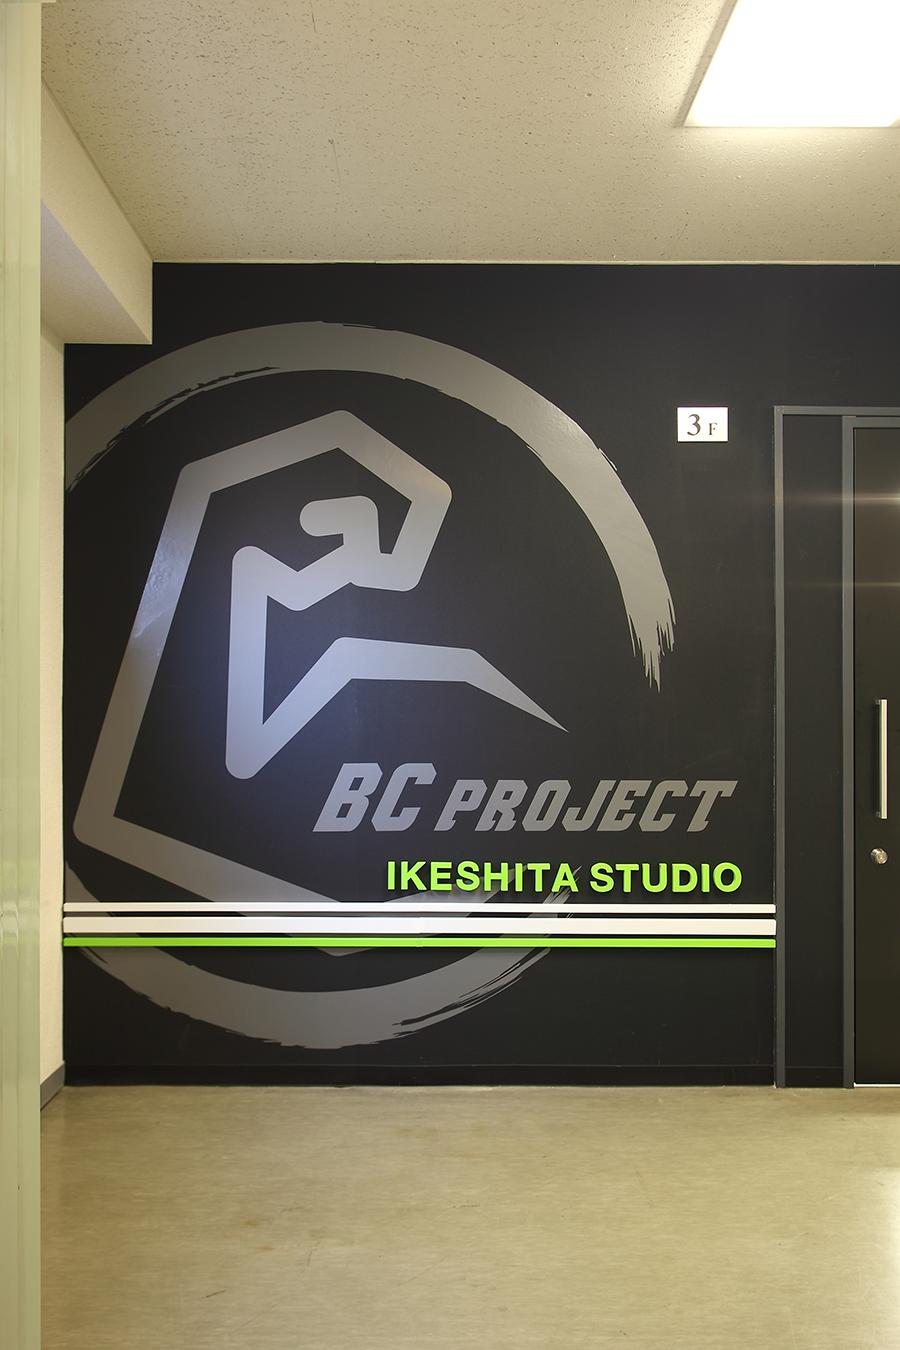 トレーニングスタジオのロゴマークサイン